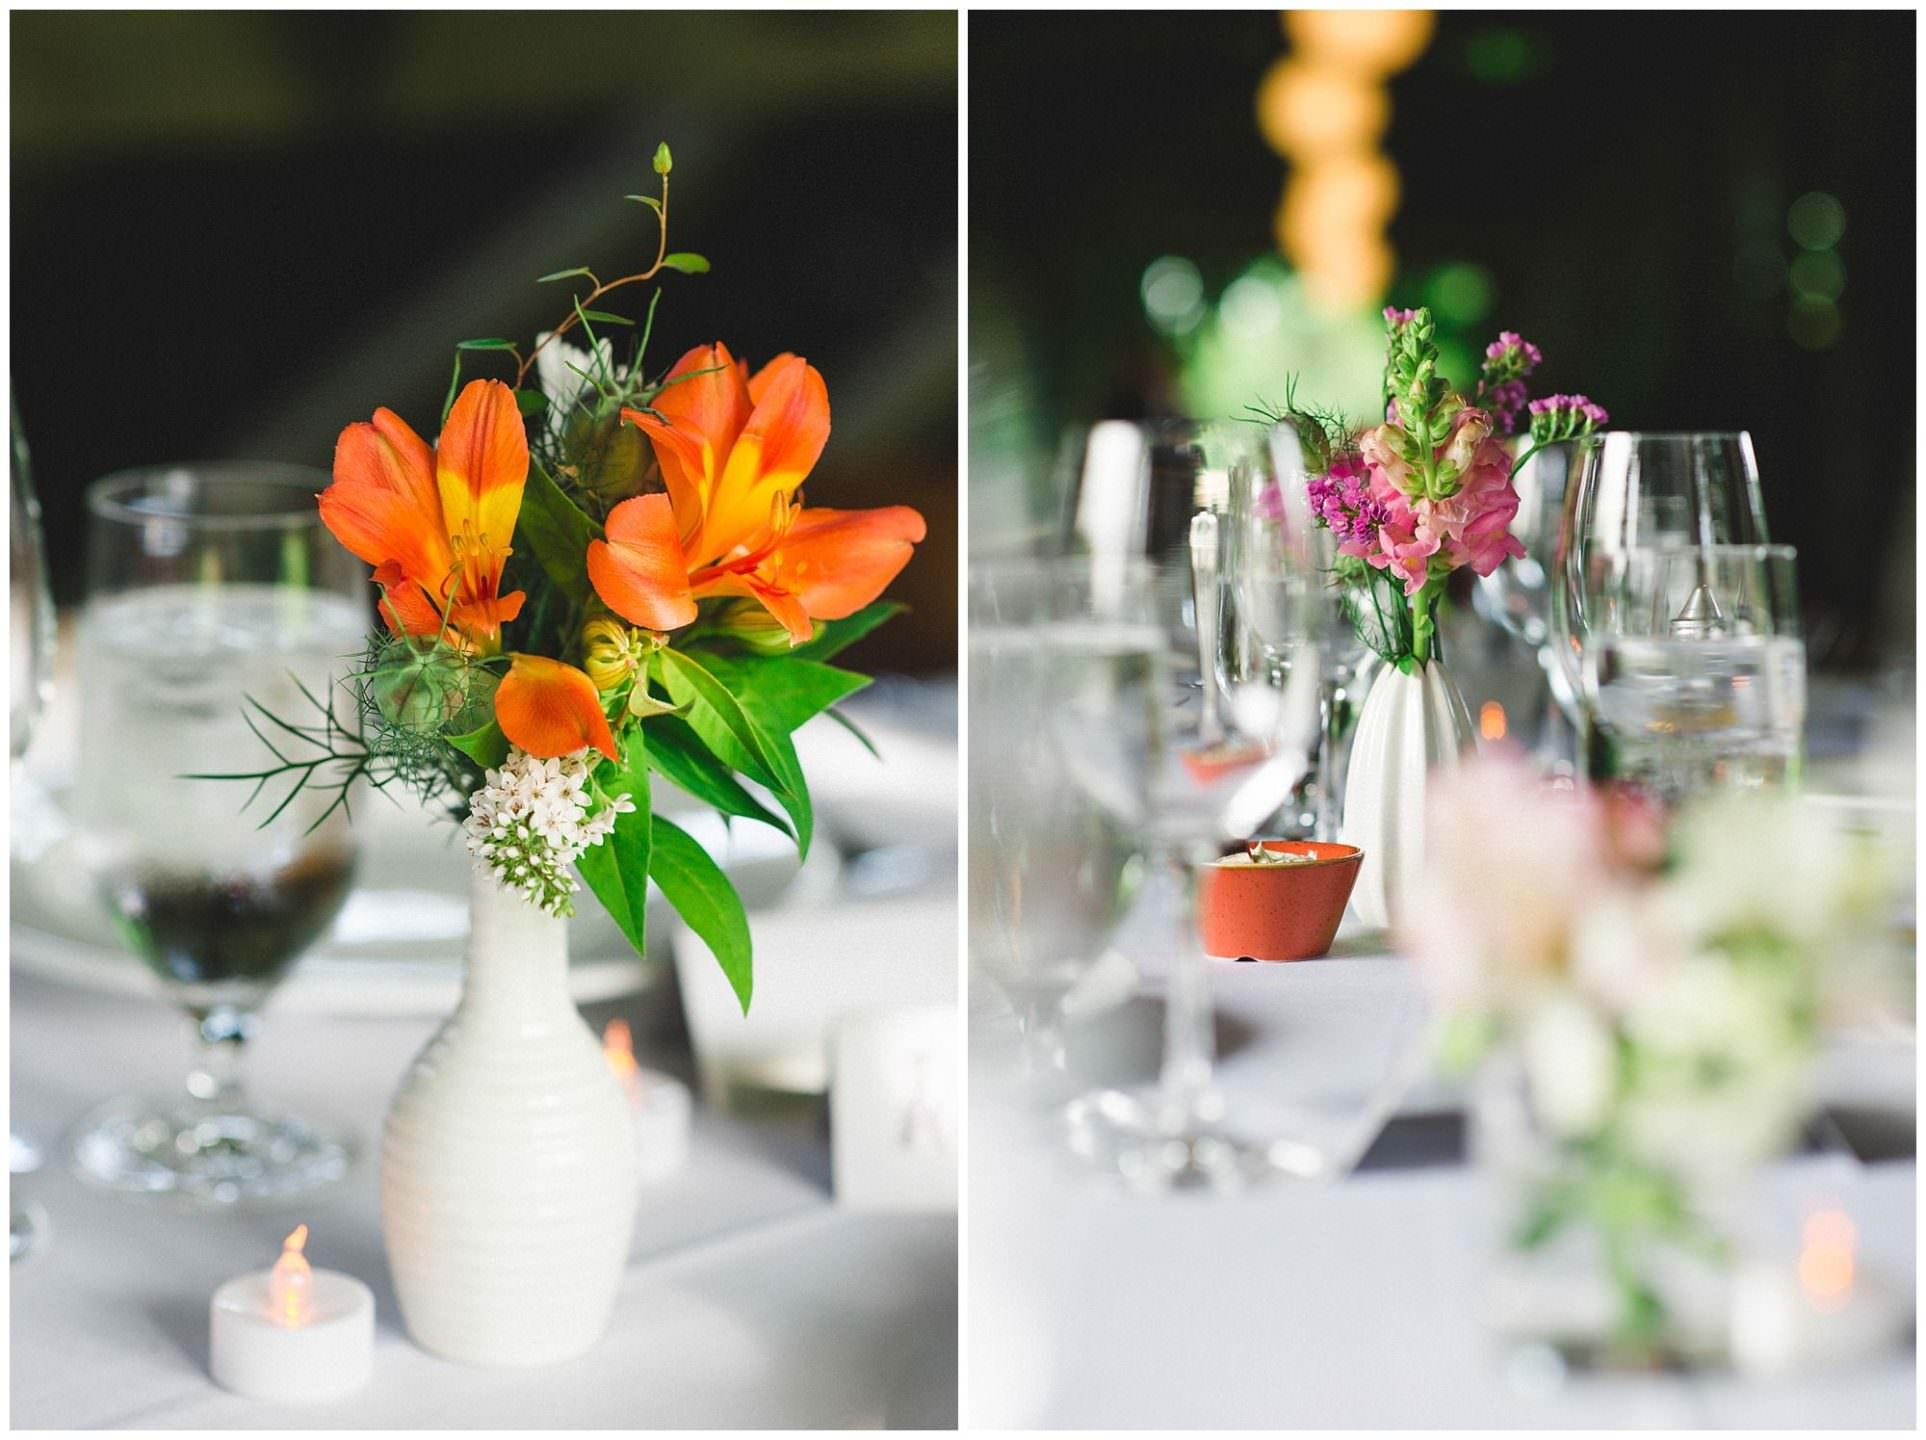 handpicked wedding florals at UBC Botanical Gardens